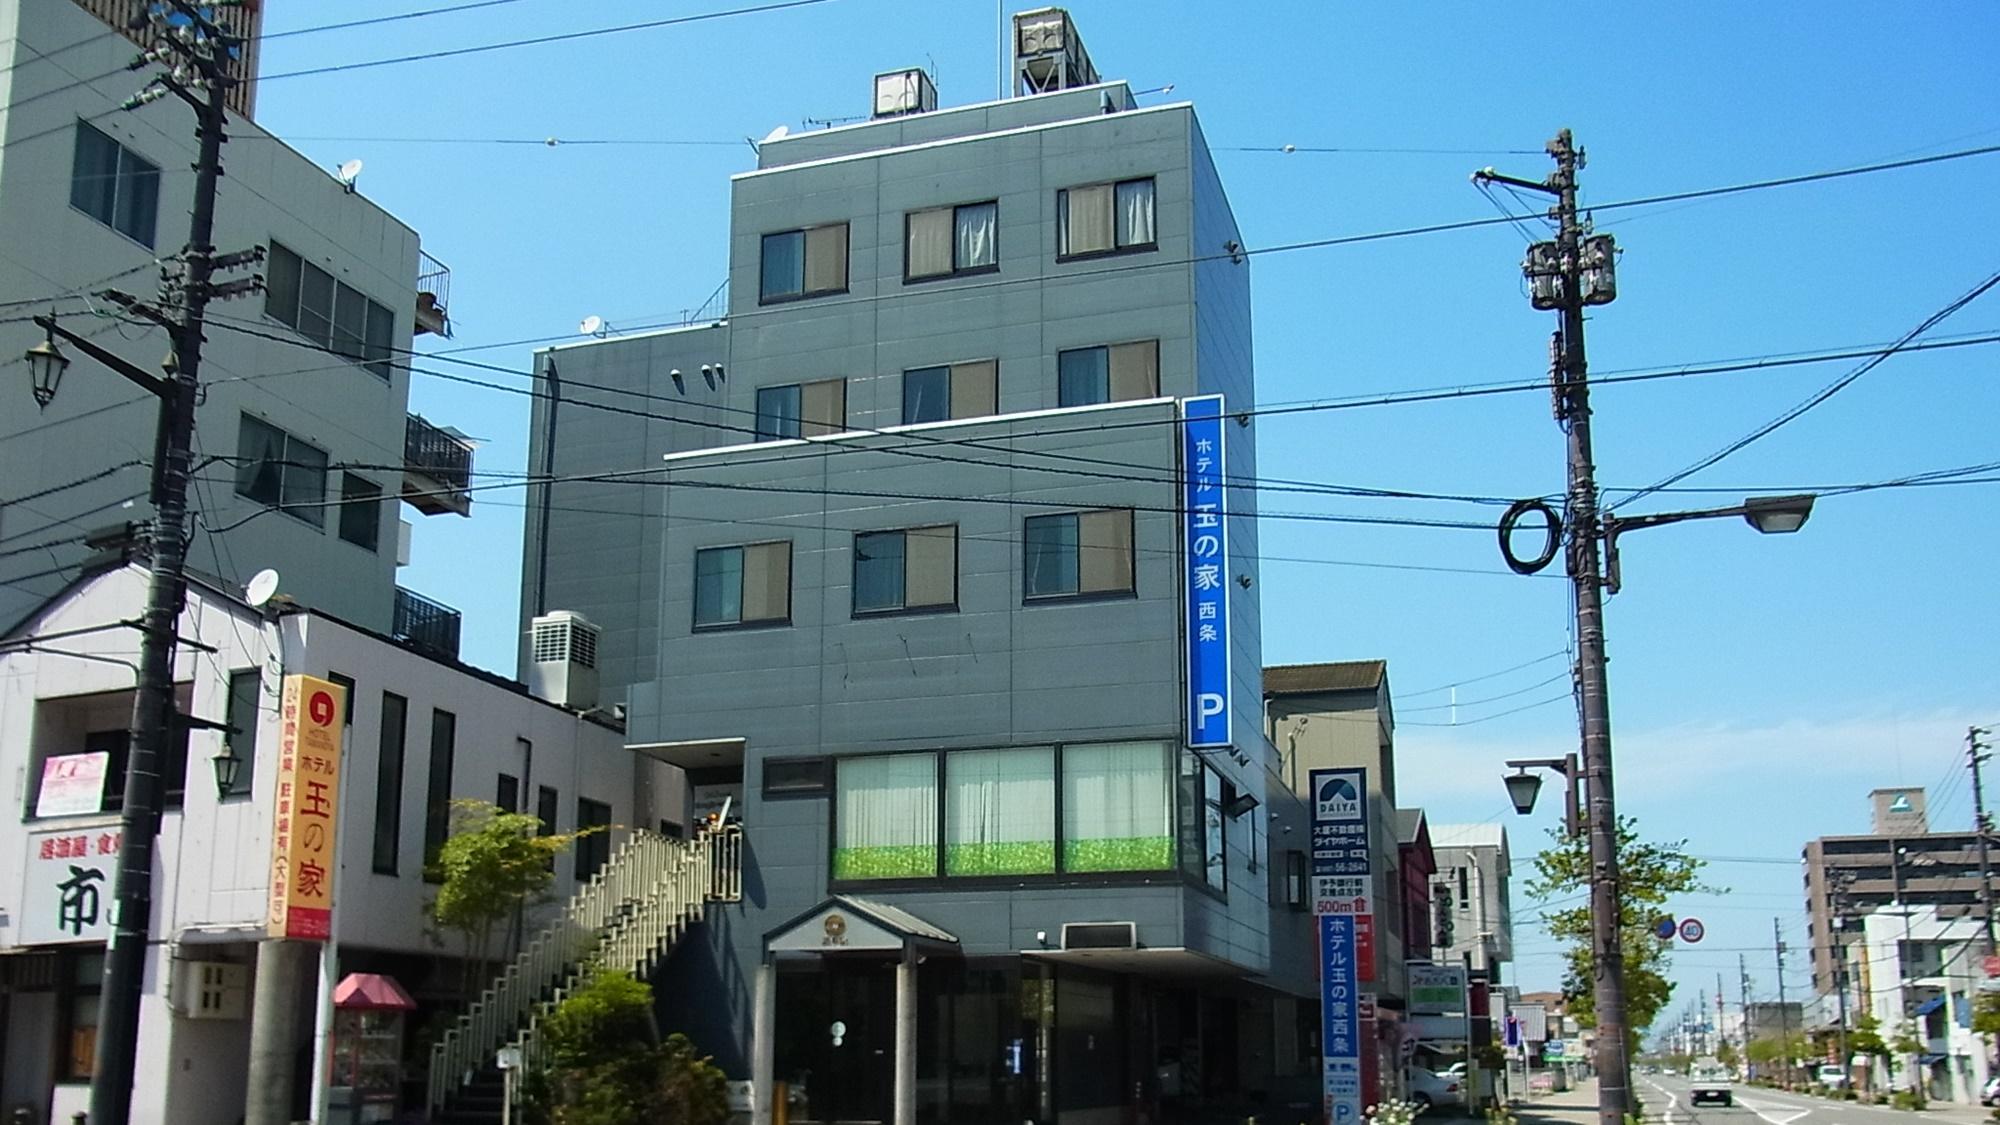 ホテル玉の家西条 image